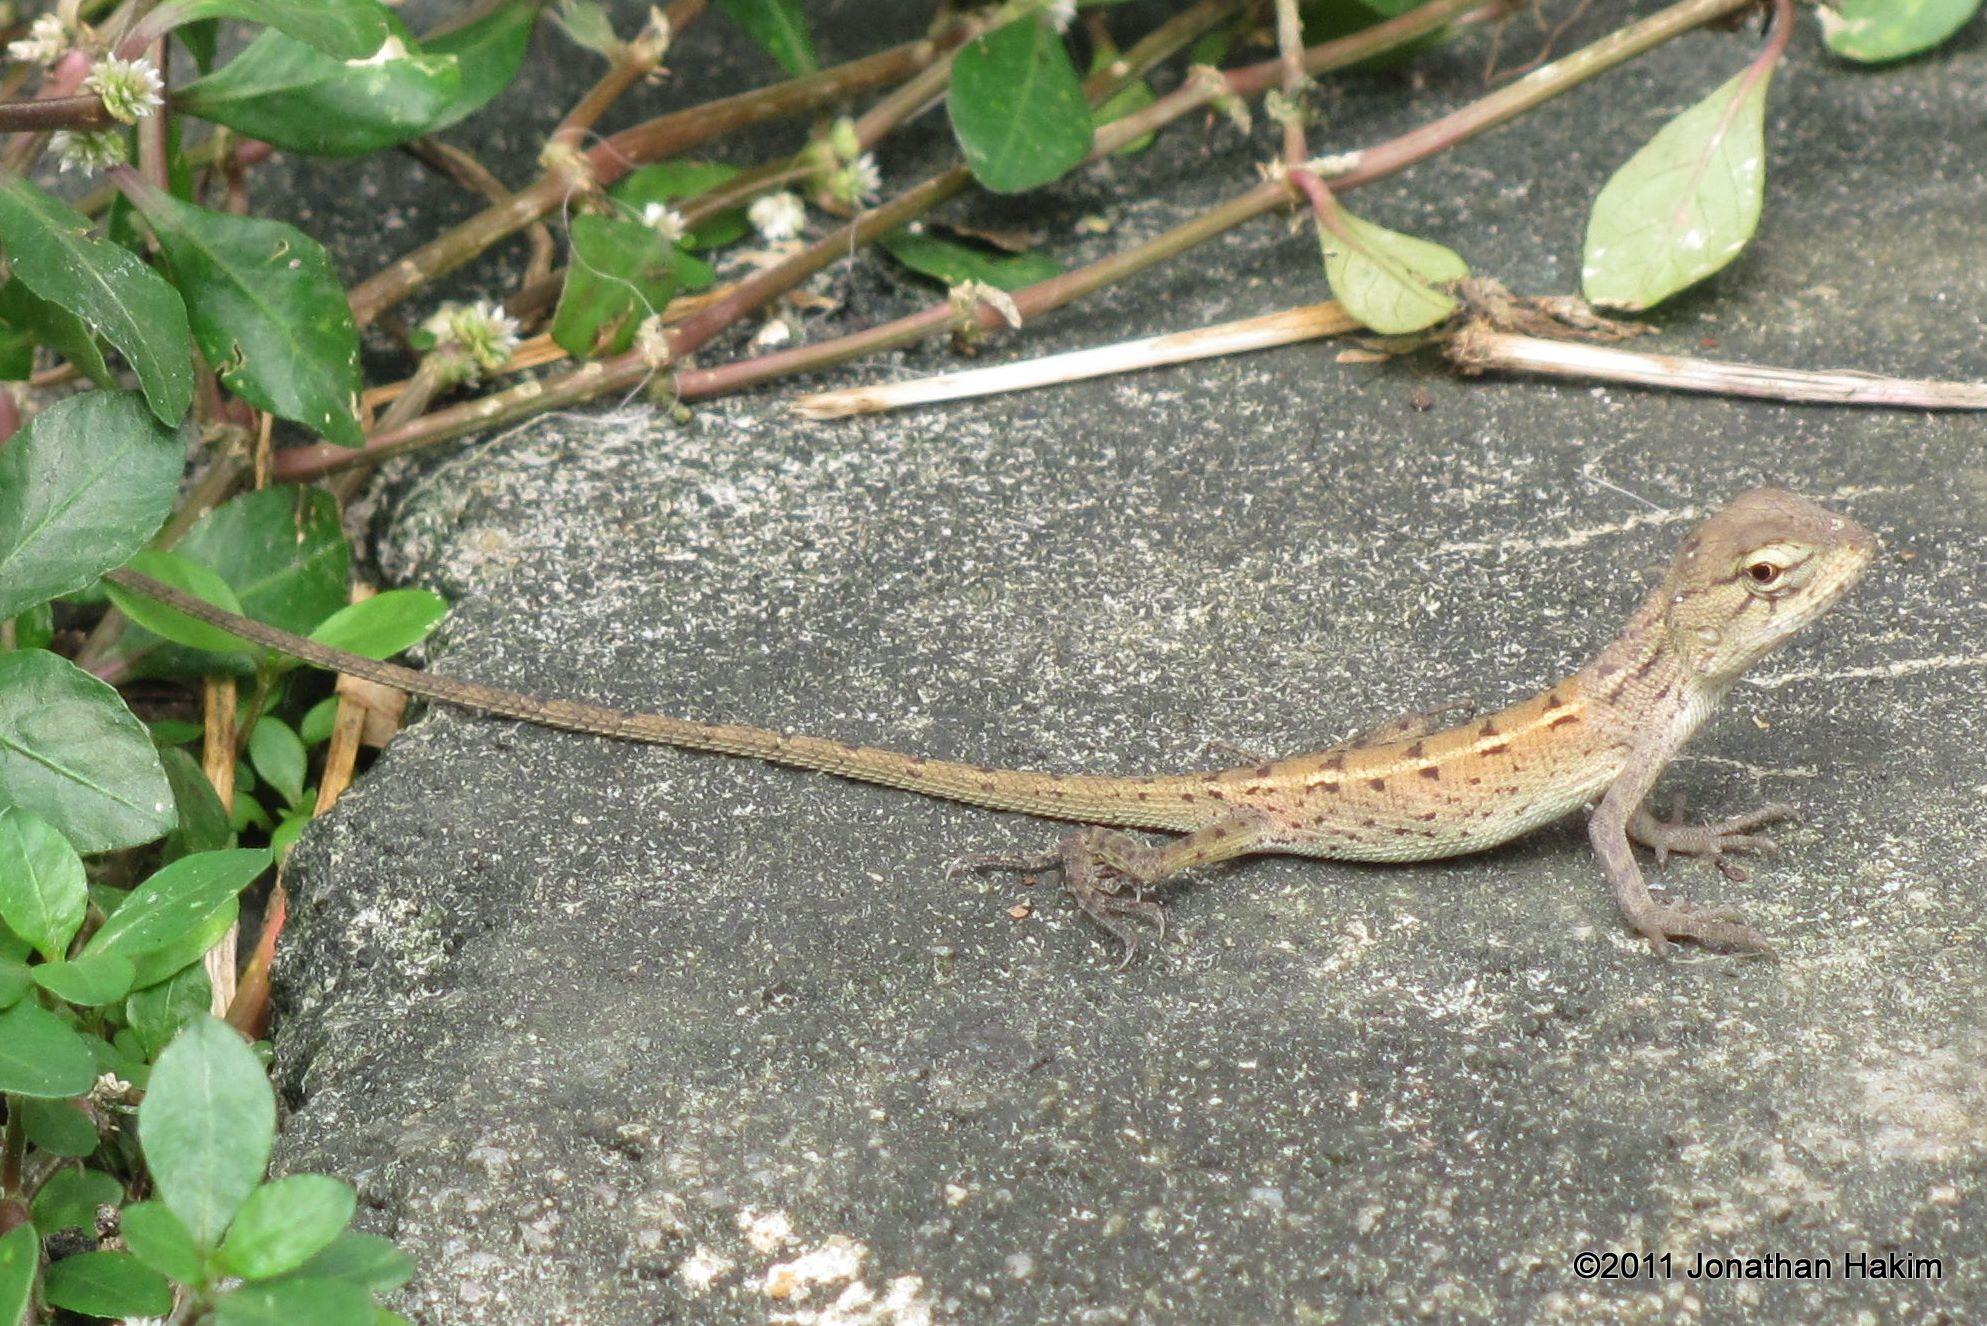 oriental garden lizard calotes versicolor juvenile - Garden Lizard